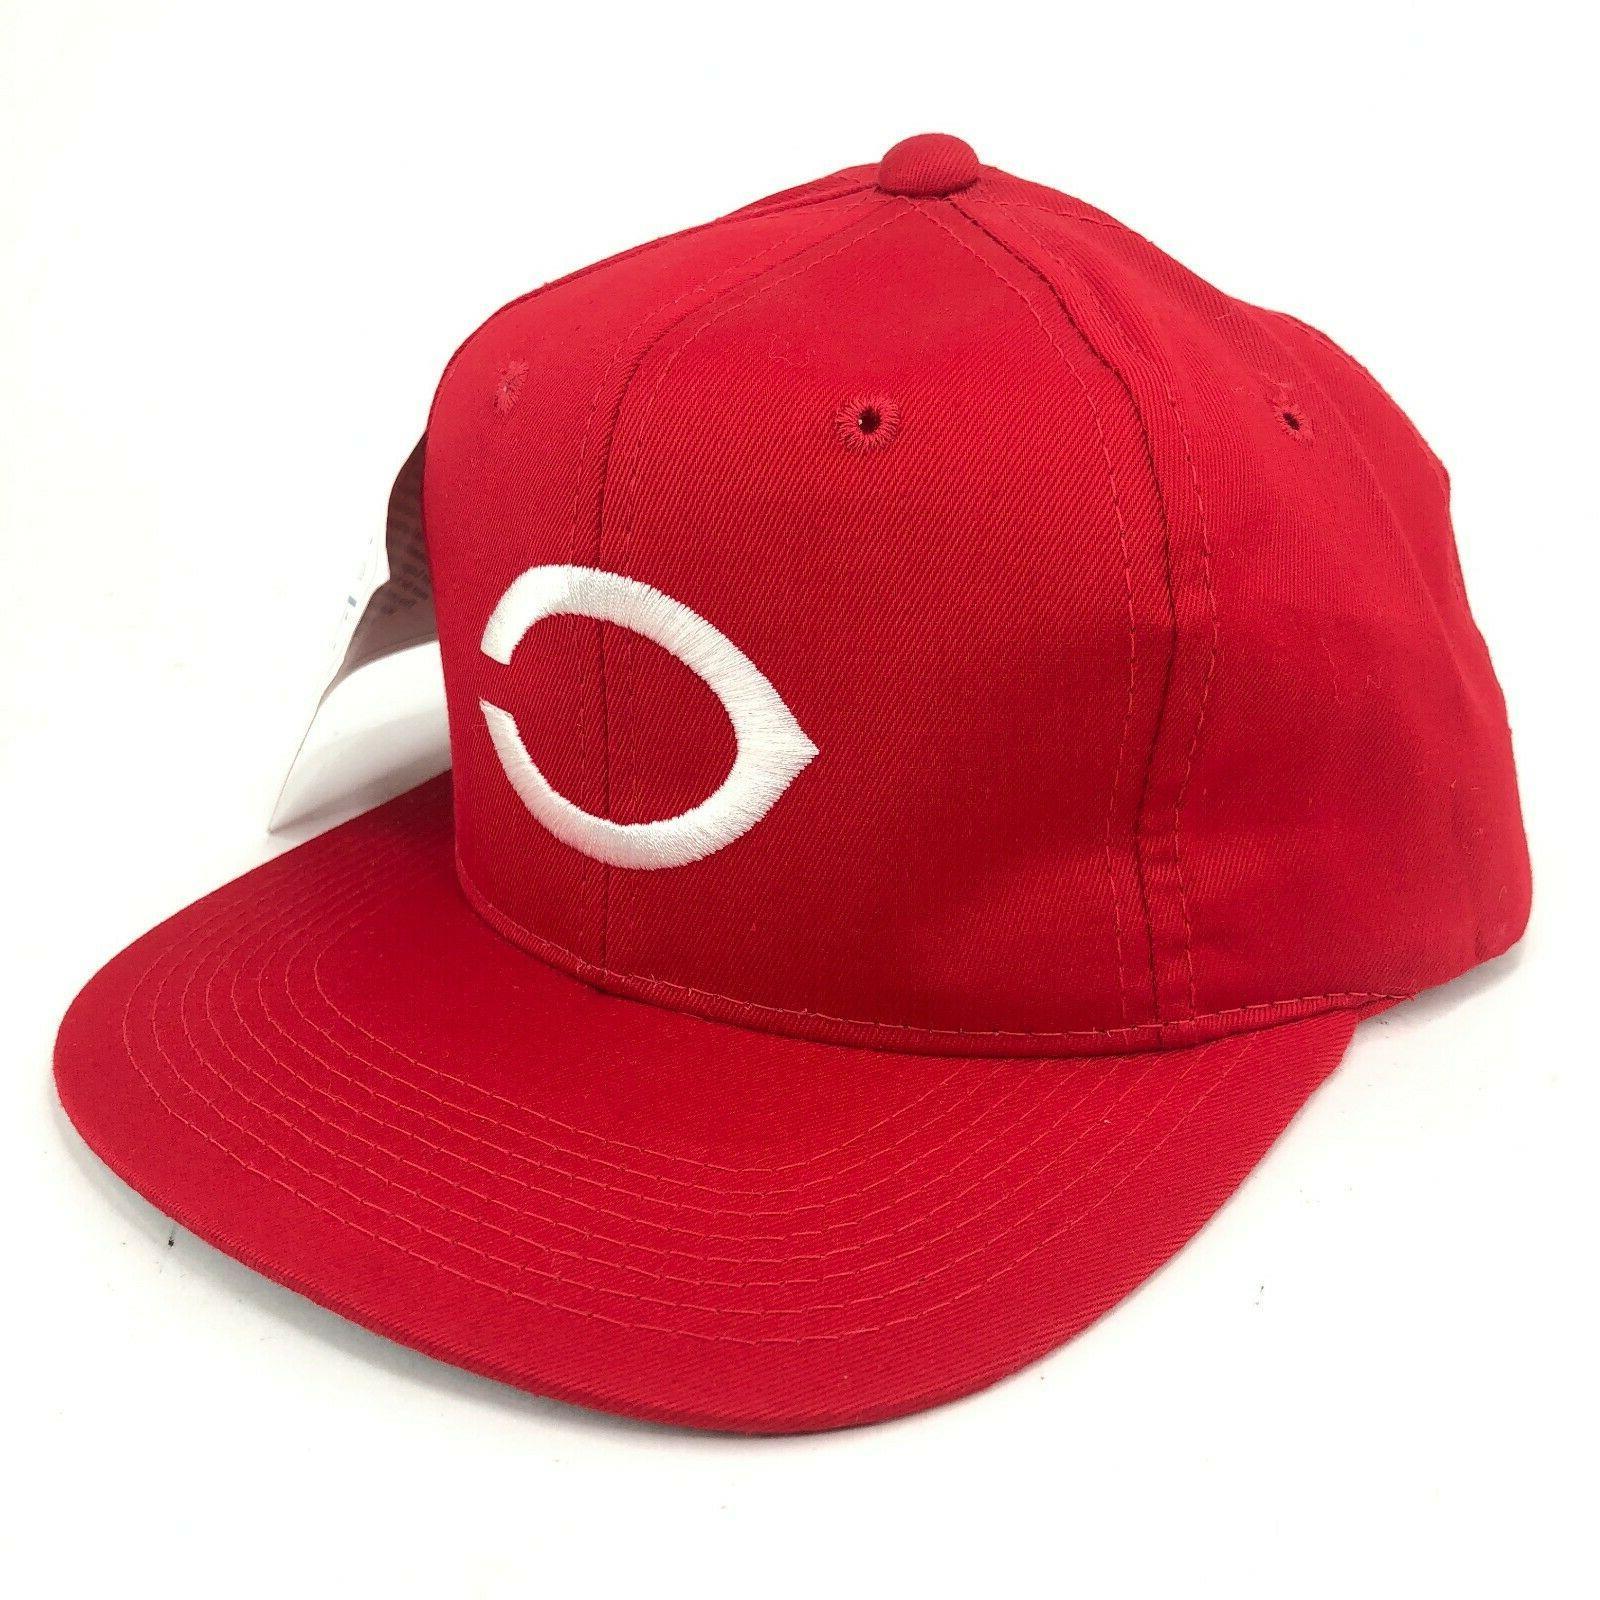 vintage cincinnati reds snapback youth hat red